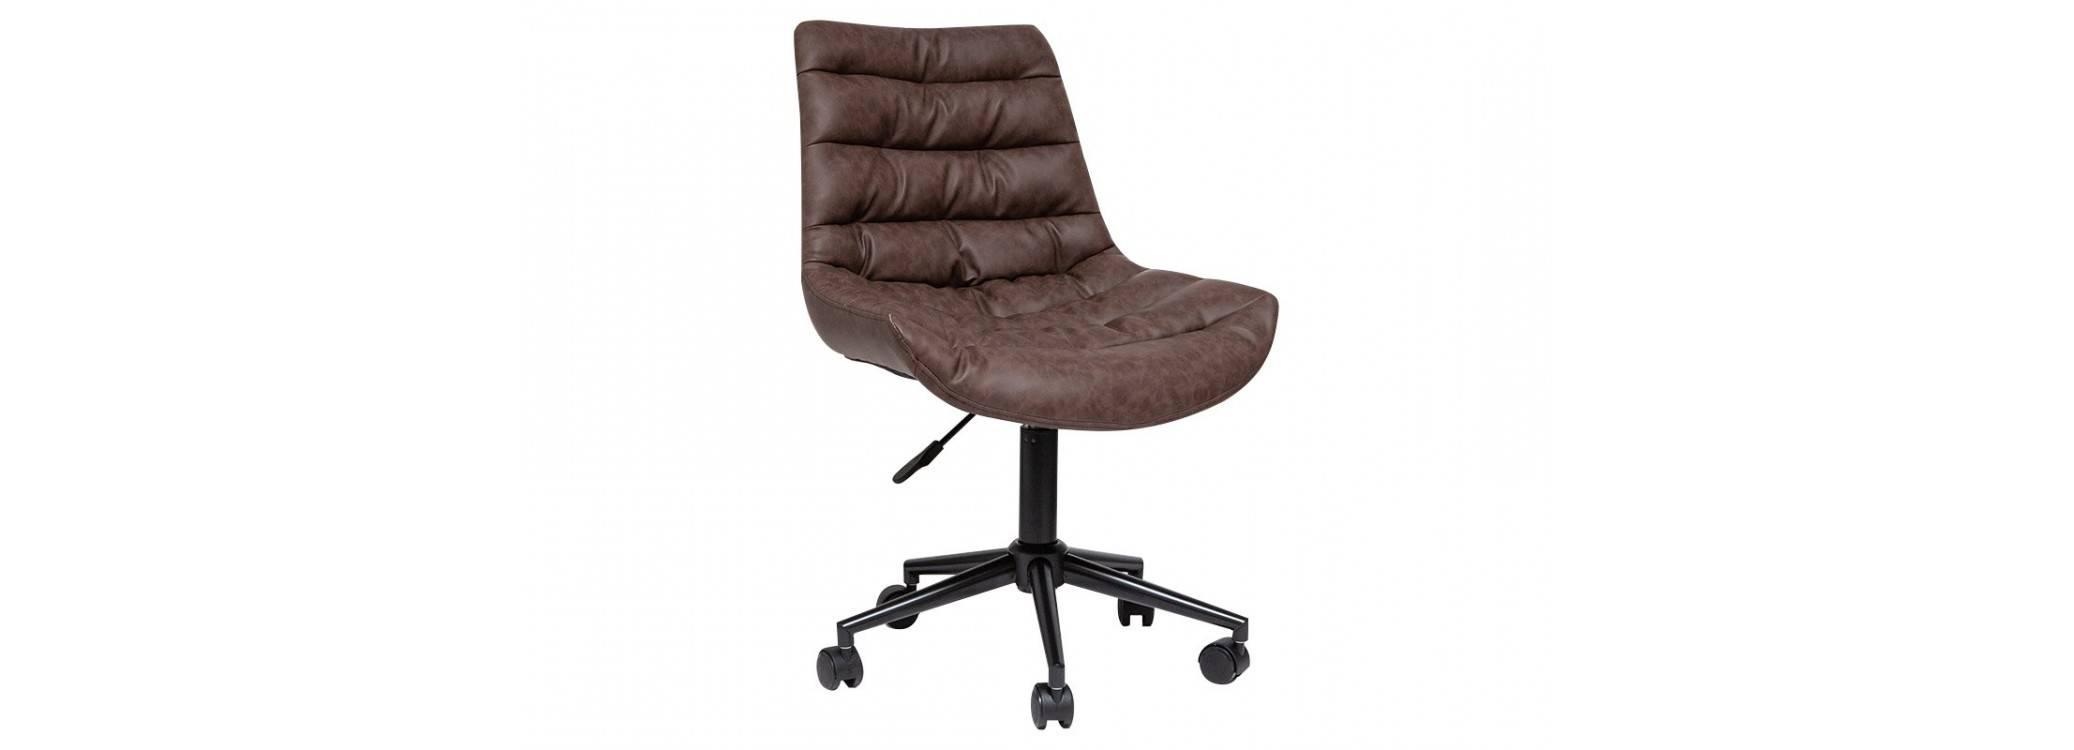 Chaise réglable de bureau matelassée en similii